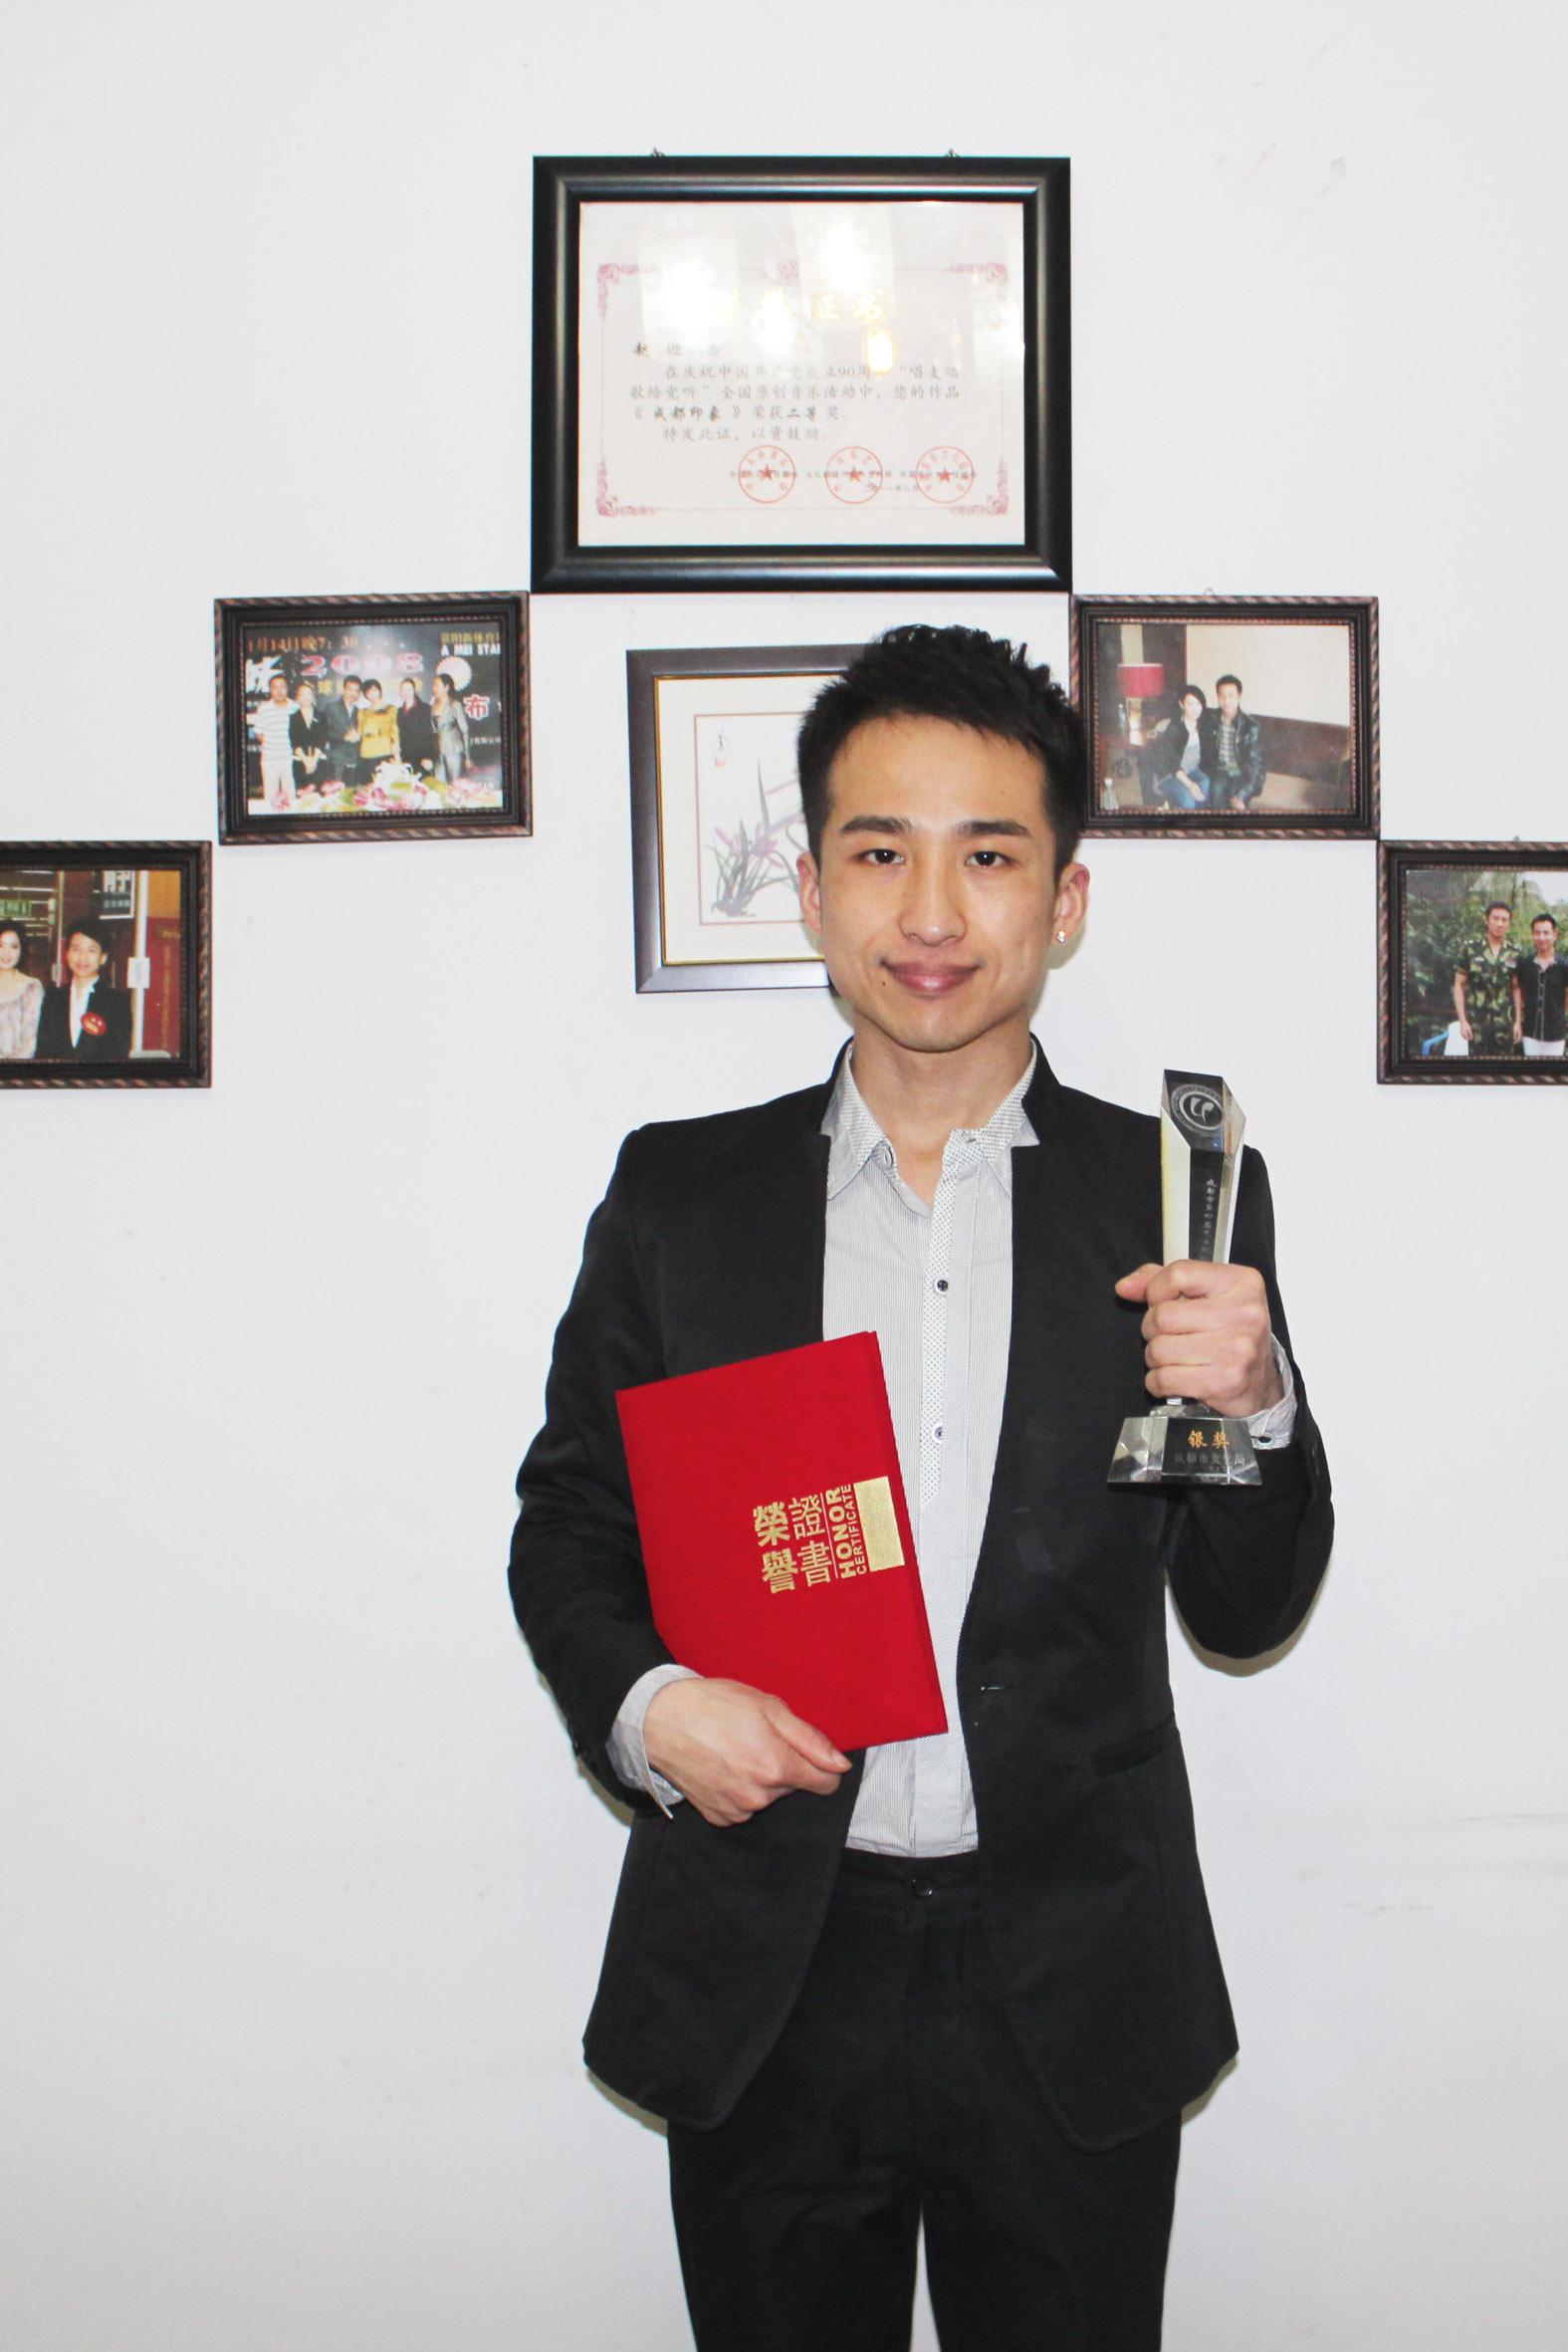 赵迎荣获成都市第四届艺术团体中青年演员大赛银奖